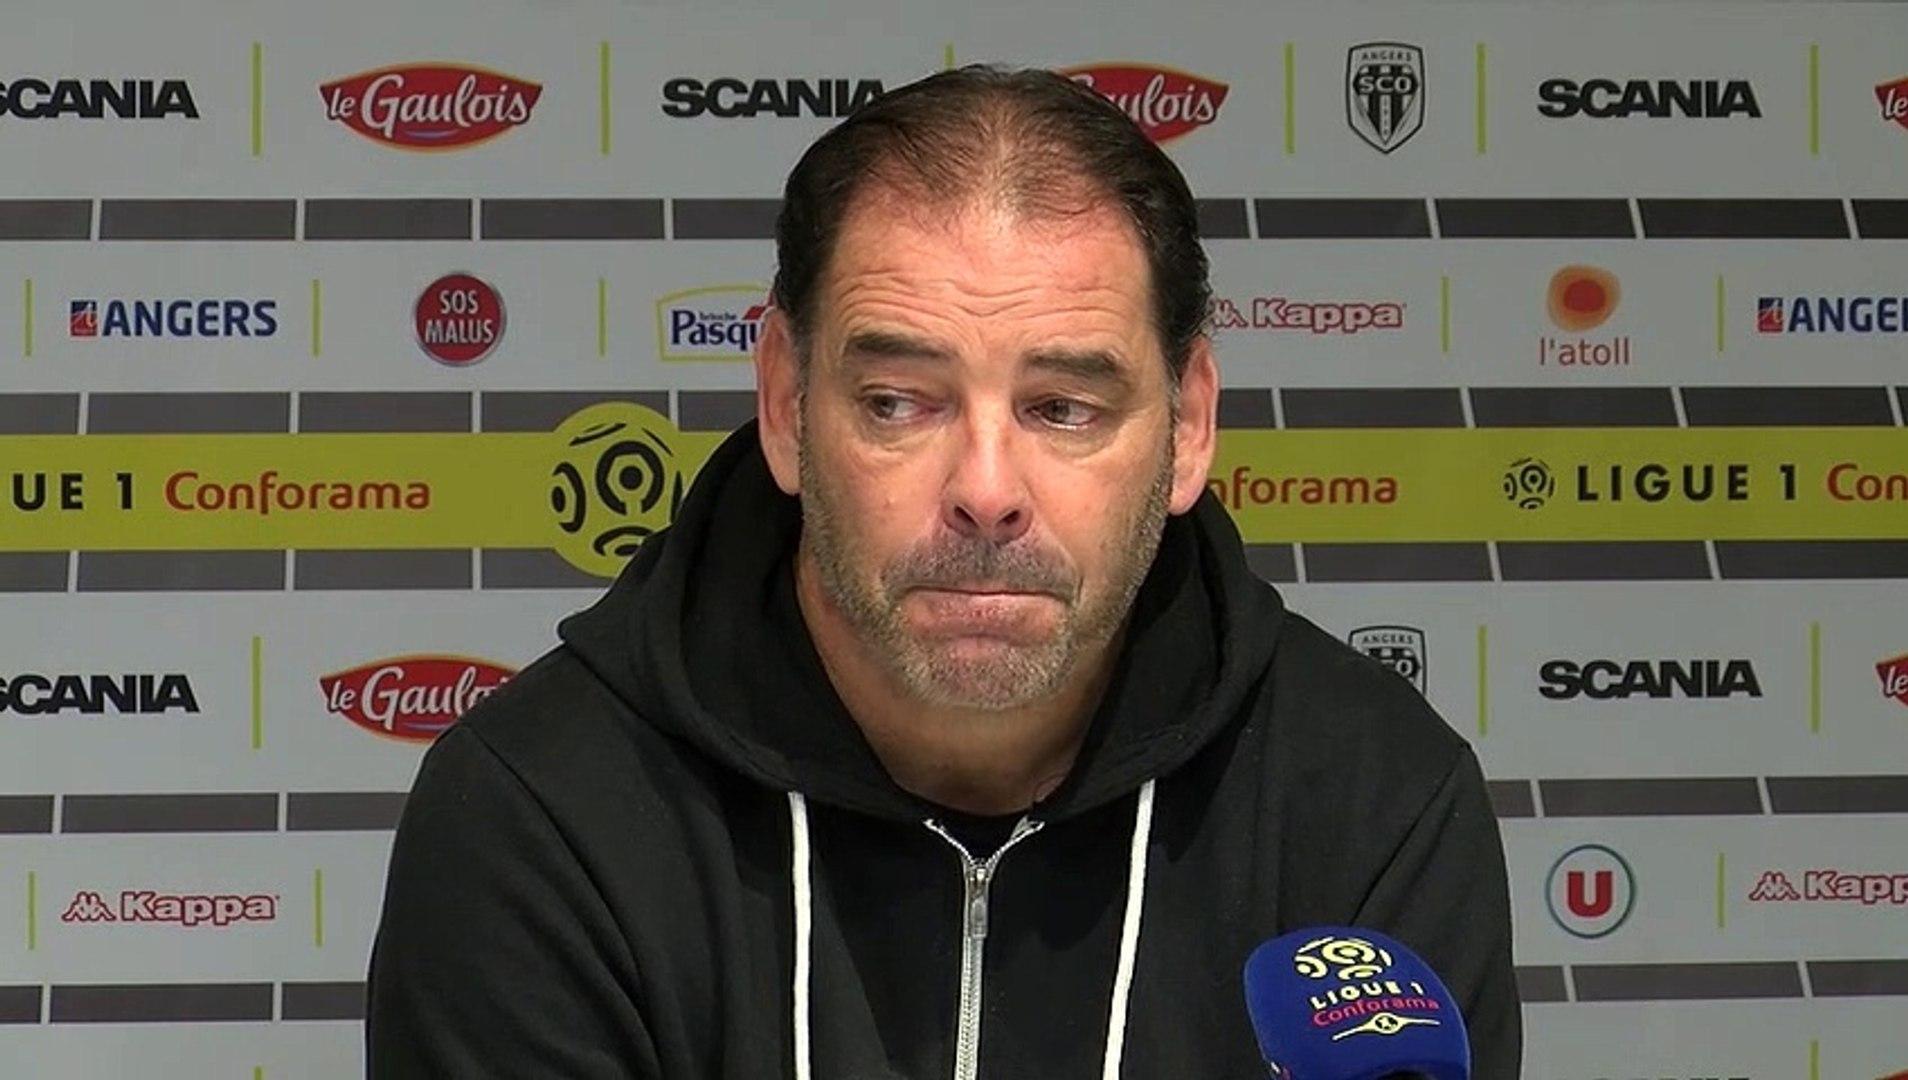 PSG/Angers - Moulin «On a joué notre chance crânement, mais pour pouvoir aller plus loin, il aurait fallu marquer un but»